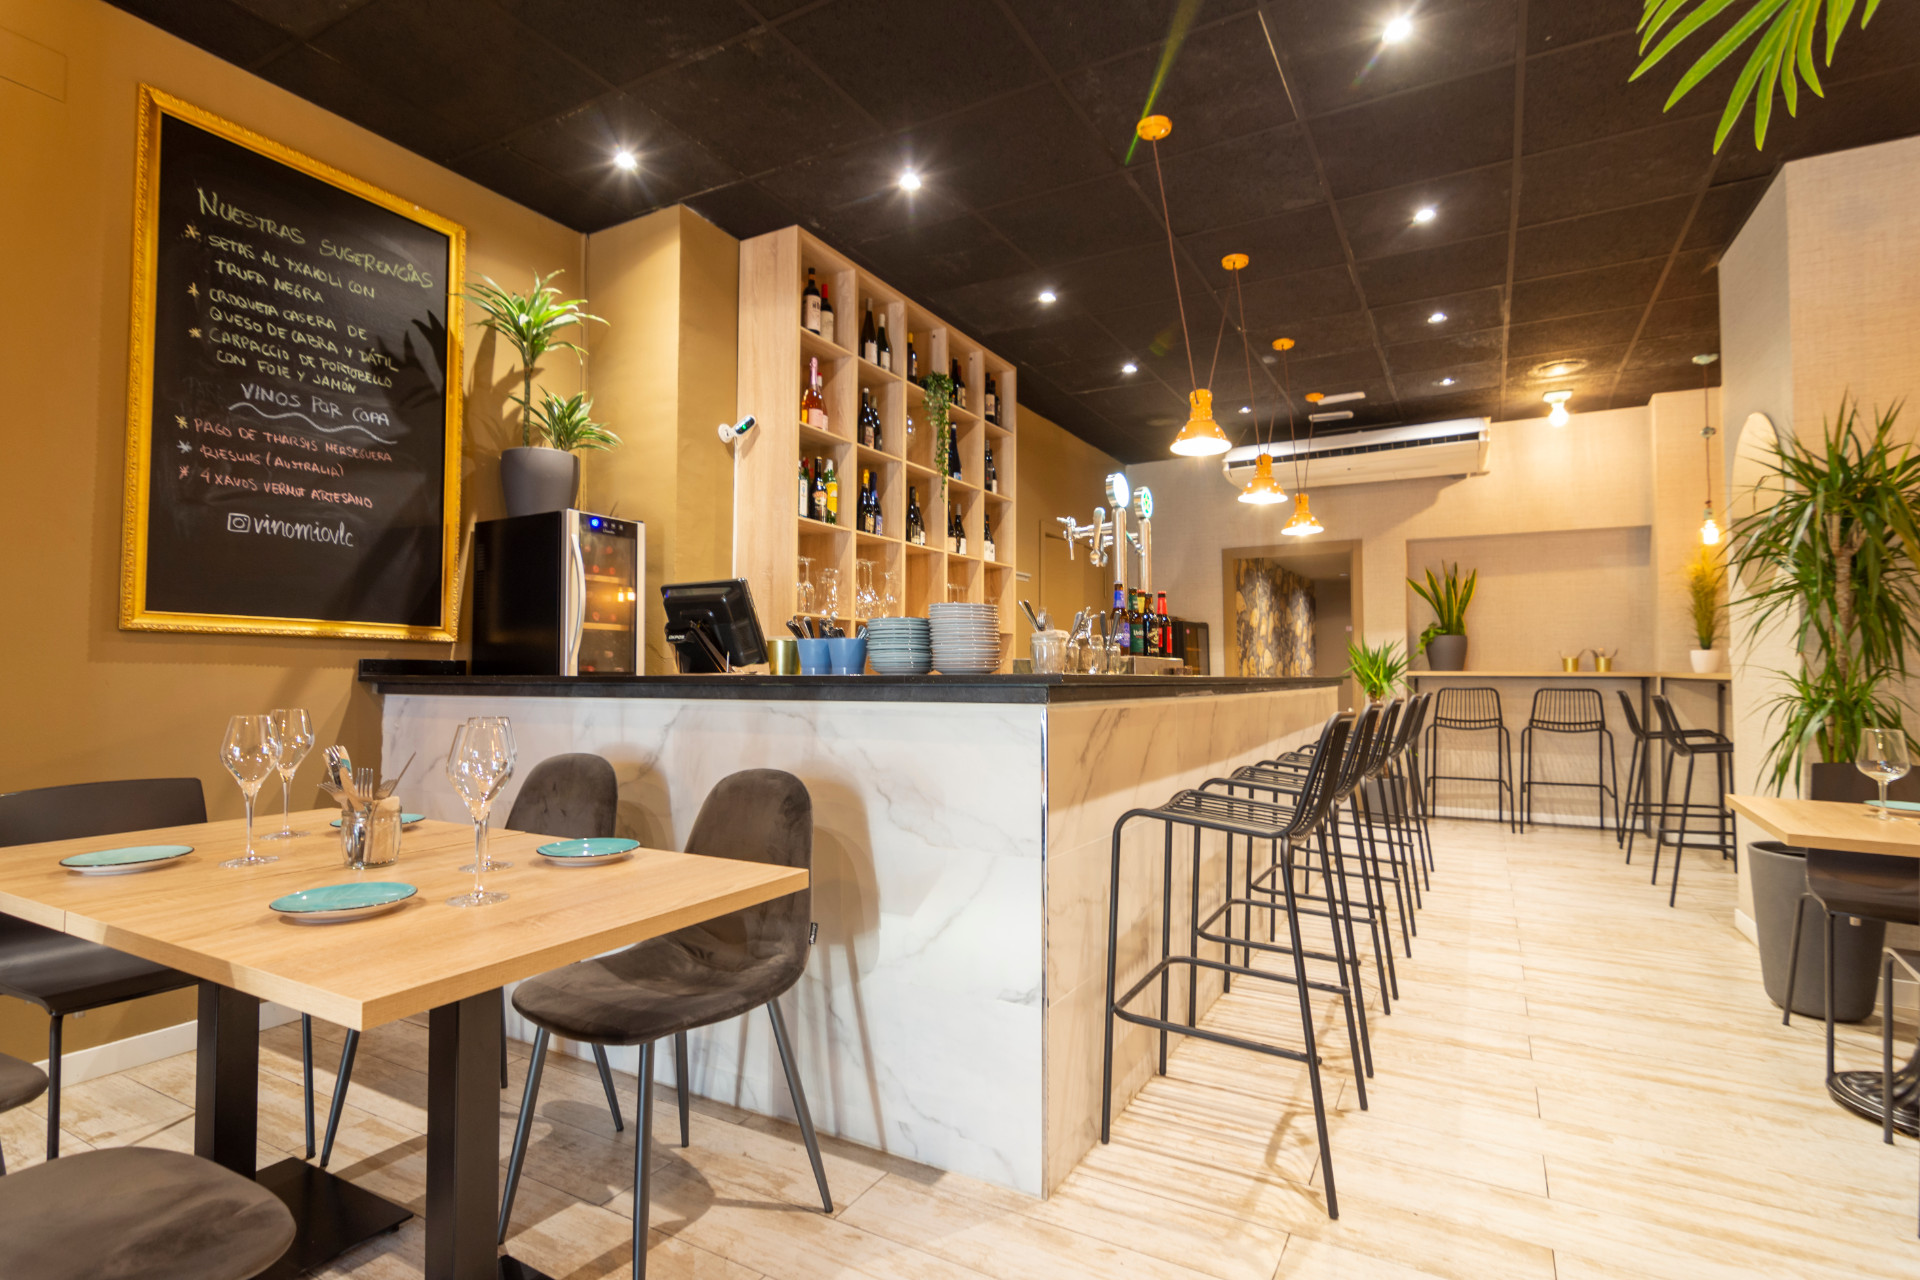 proyectos-interiorismo-interioristas-locales-comerciales-gastronomia-vinotecas-enotecas-restaurantes-bares-vinomio-gastrowine-valencia-4